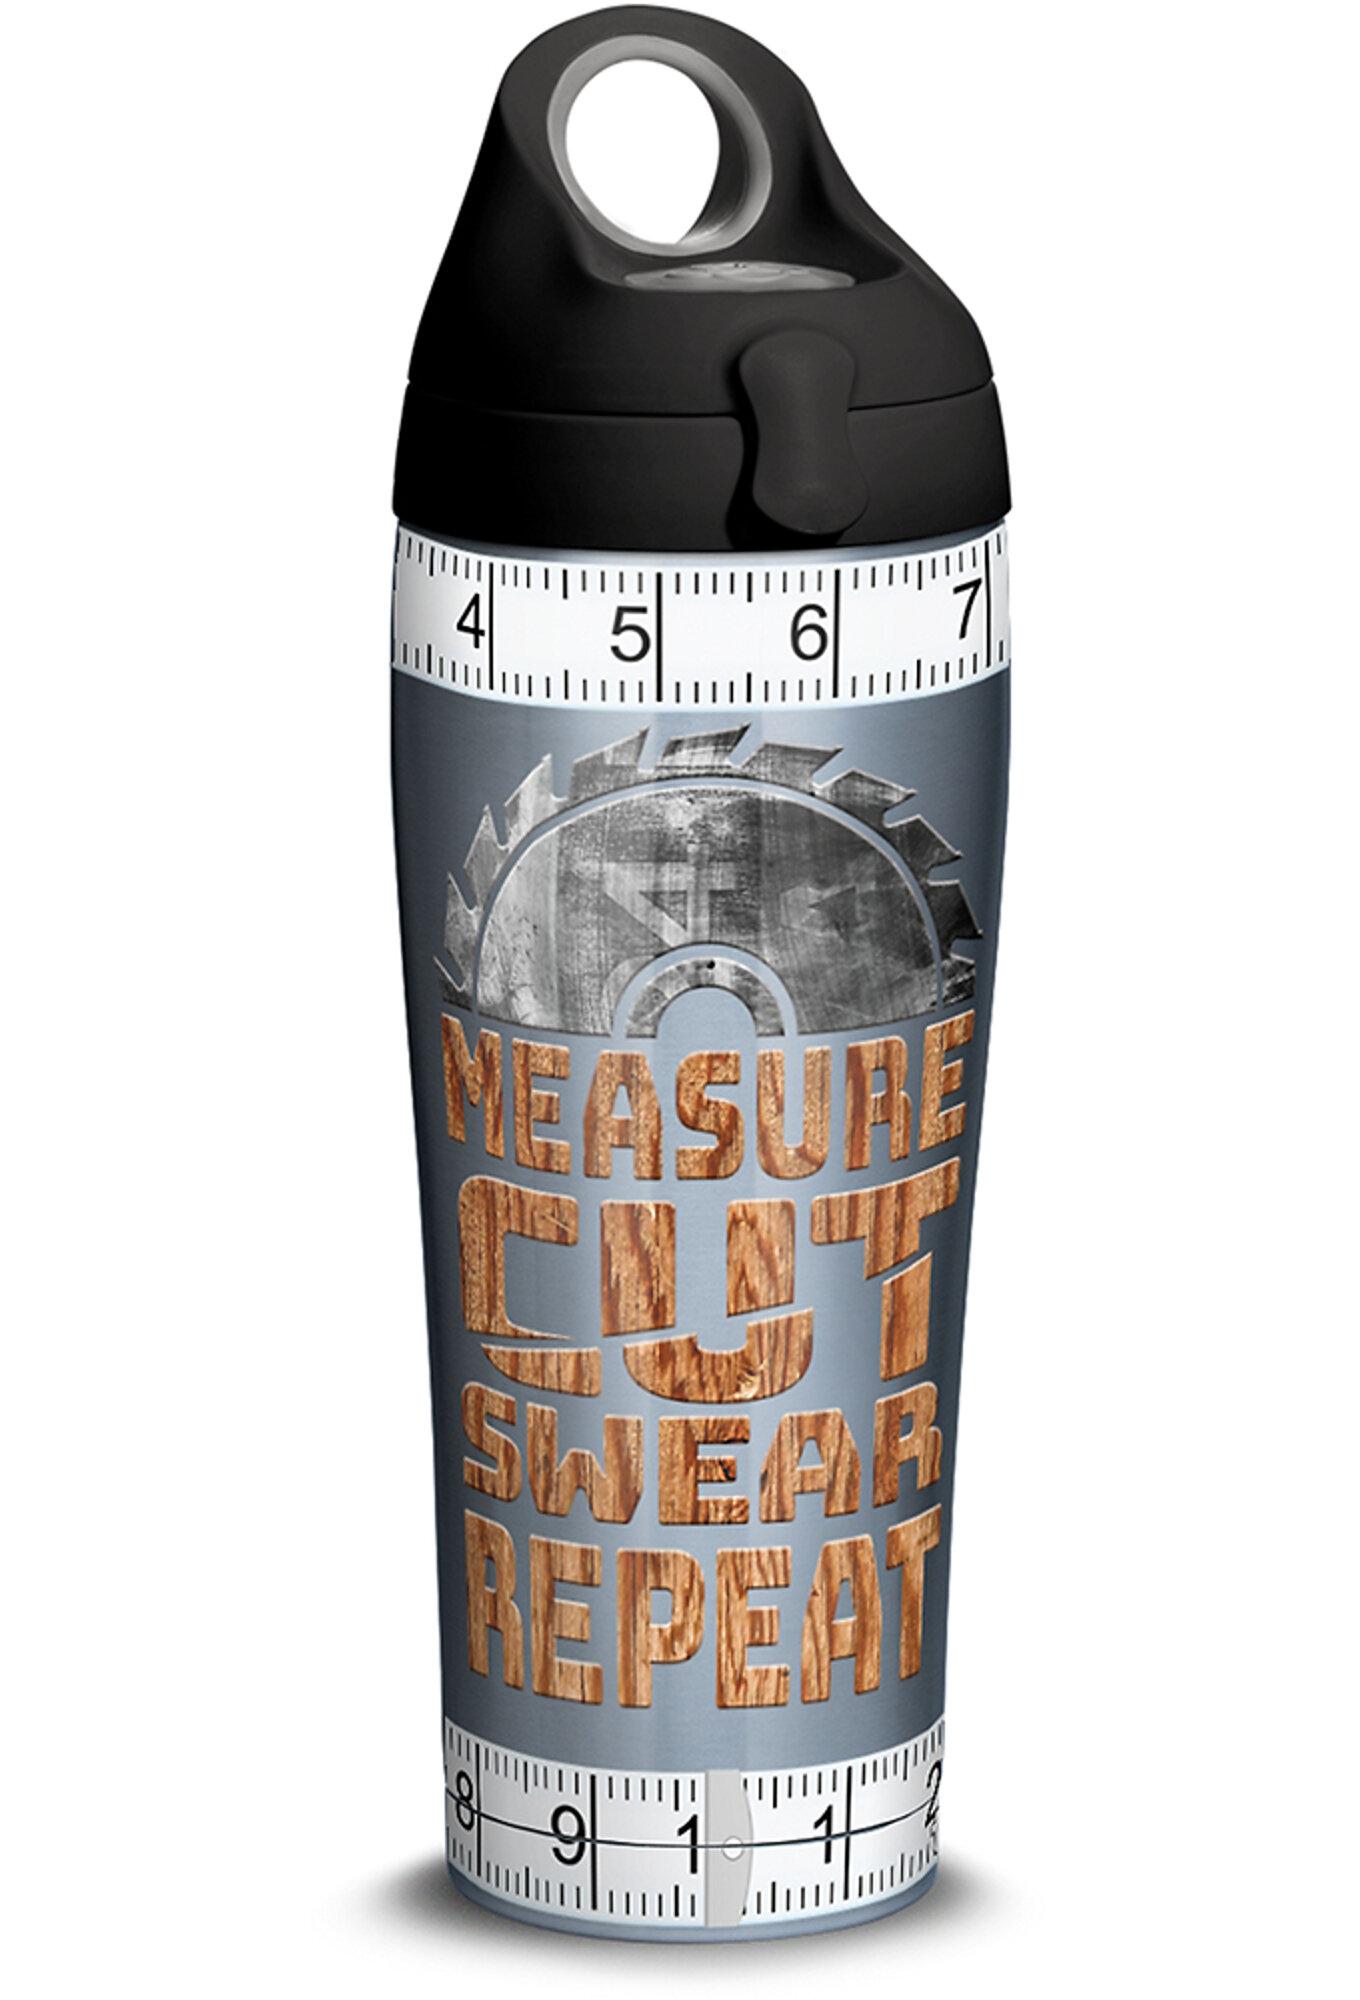 Tervis Tumbler Measure Cut Swear 24 Oz Stainless Steel Water Bottle Wayfair